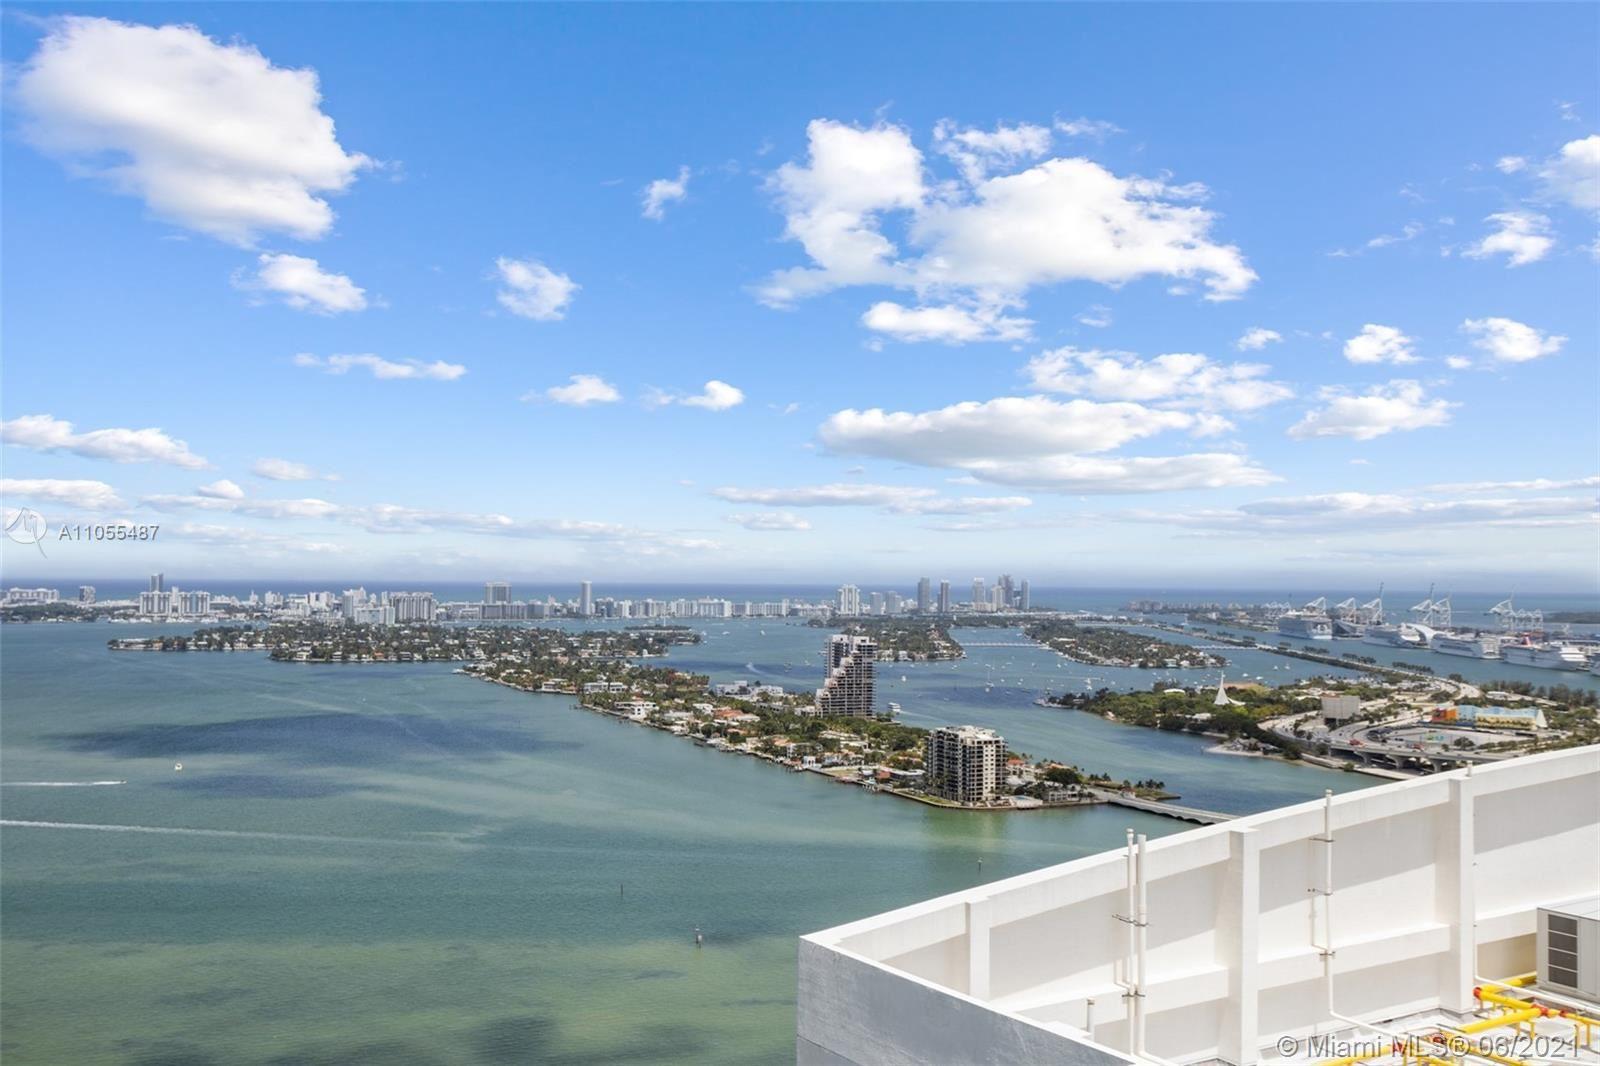 1900 N Bayshore Dr #4305, Miami, FL 33132 - #: A11055487